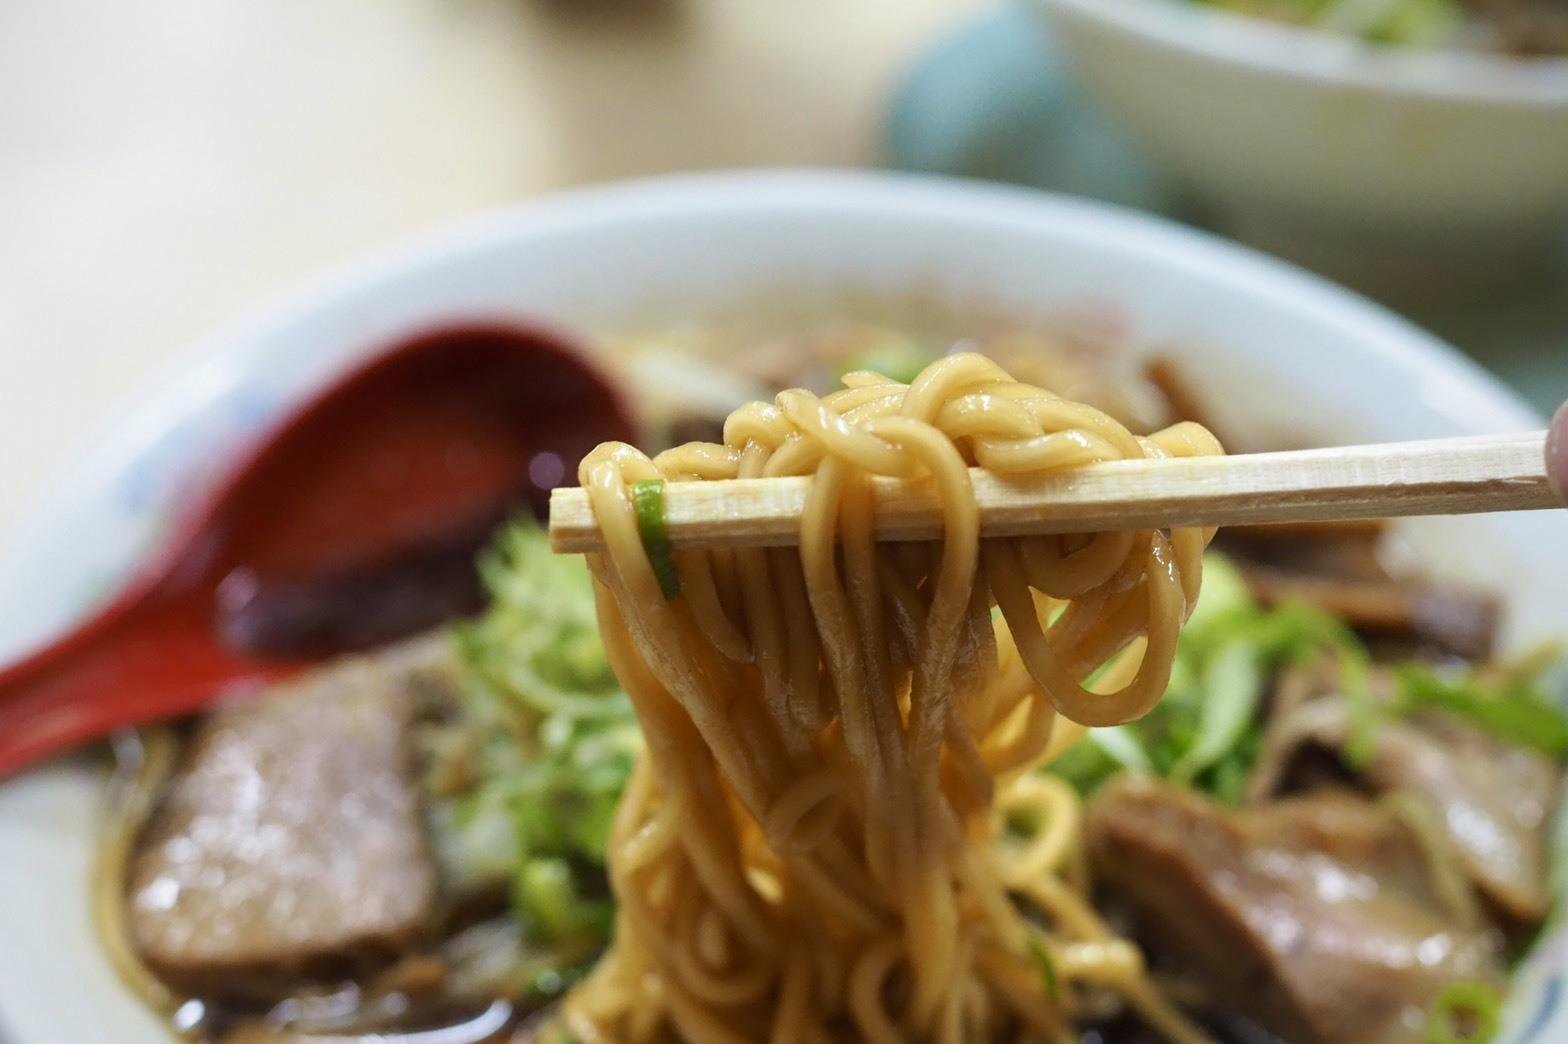 ぴーきちハーレーブログ 京都ナイトツーリンング 親爺 ラーメン 醤油ラーメン ブラック 麺